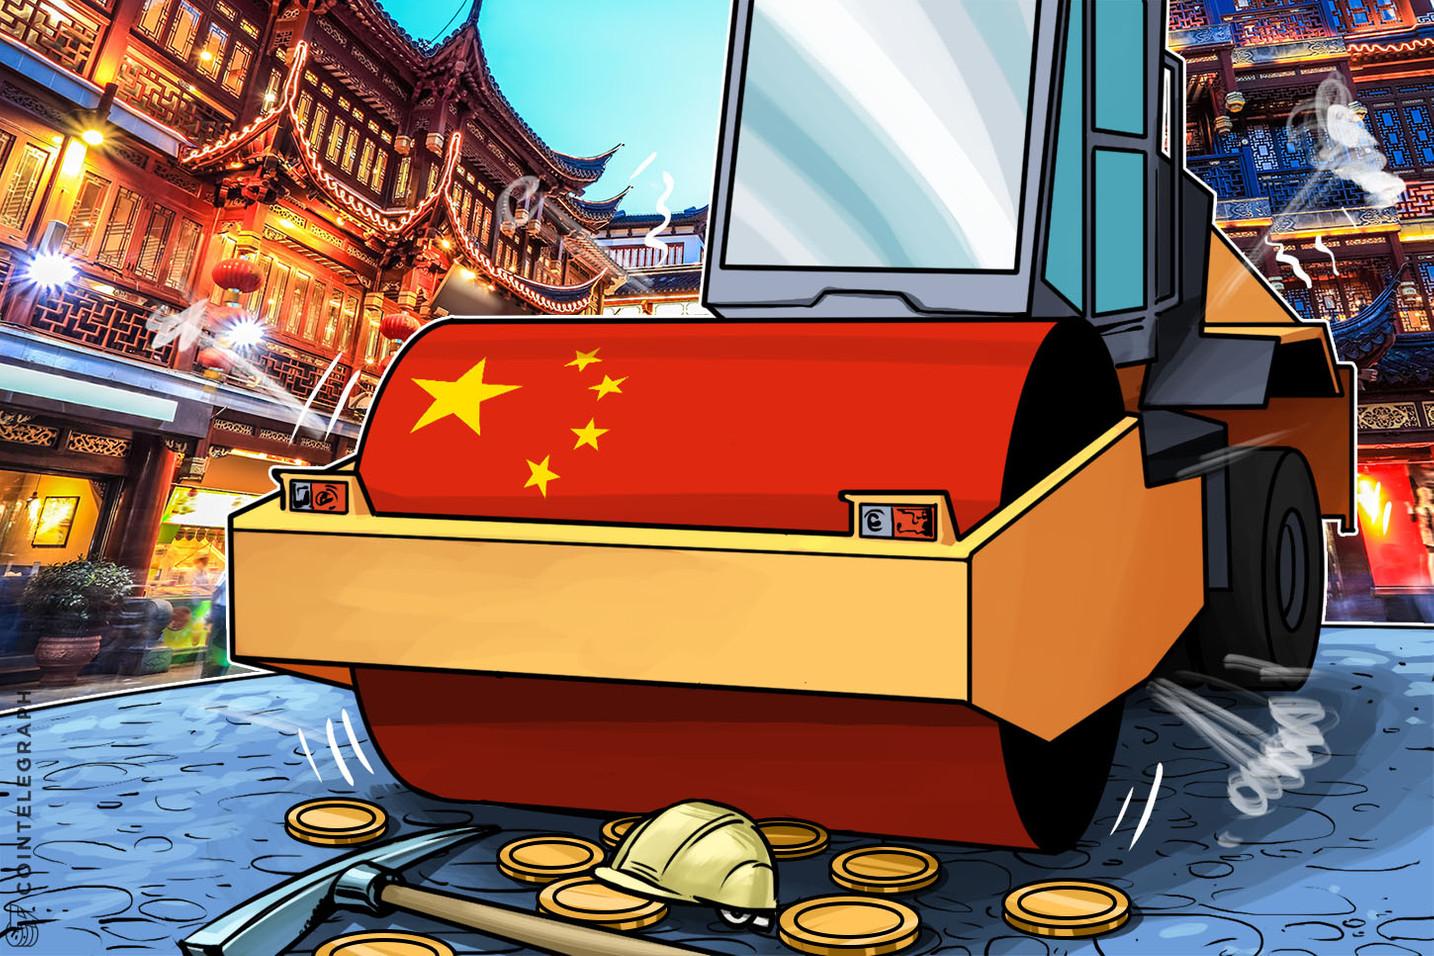 Gangsteri ranili bitkoin rudara sa Tajvana, okrivio strogu kinesku kontrolu bitkoina